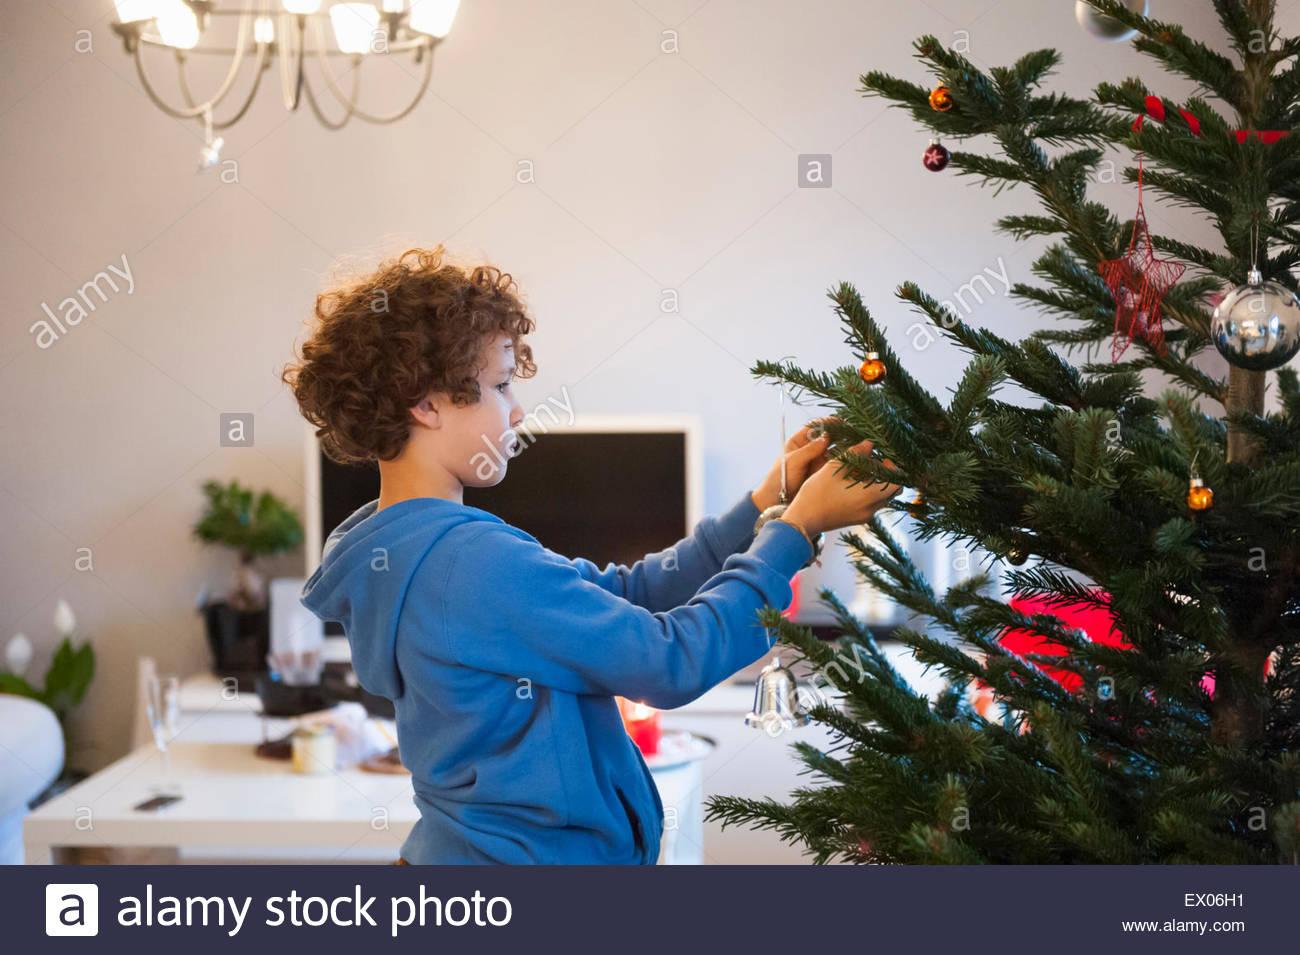 Ragazzo appeso decorazioni su albero di Natale Immagini Stock